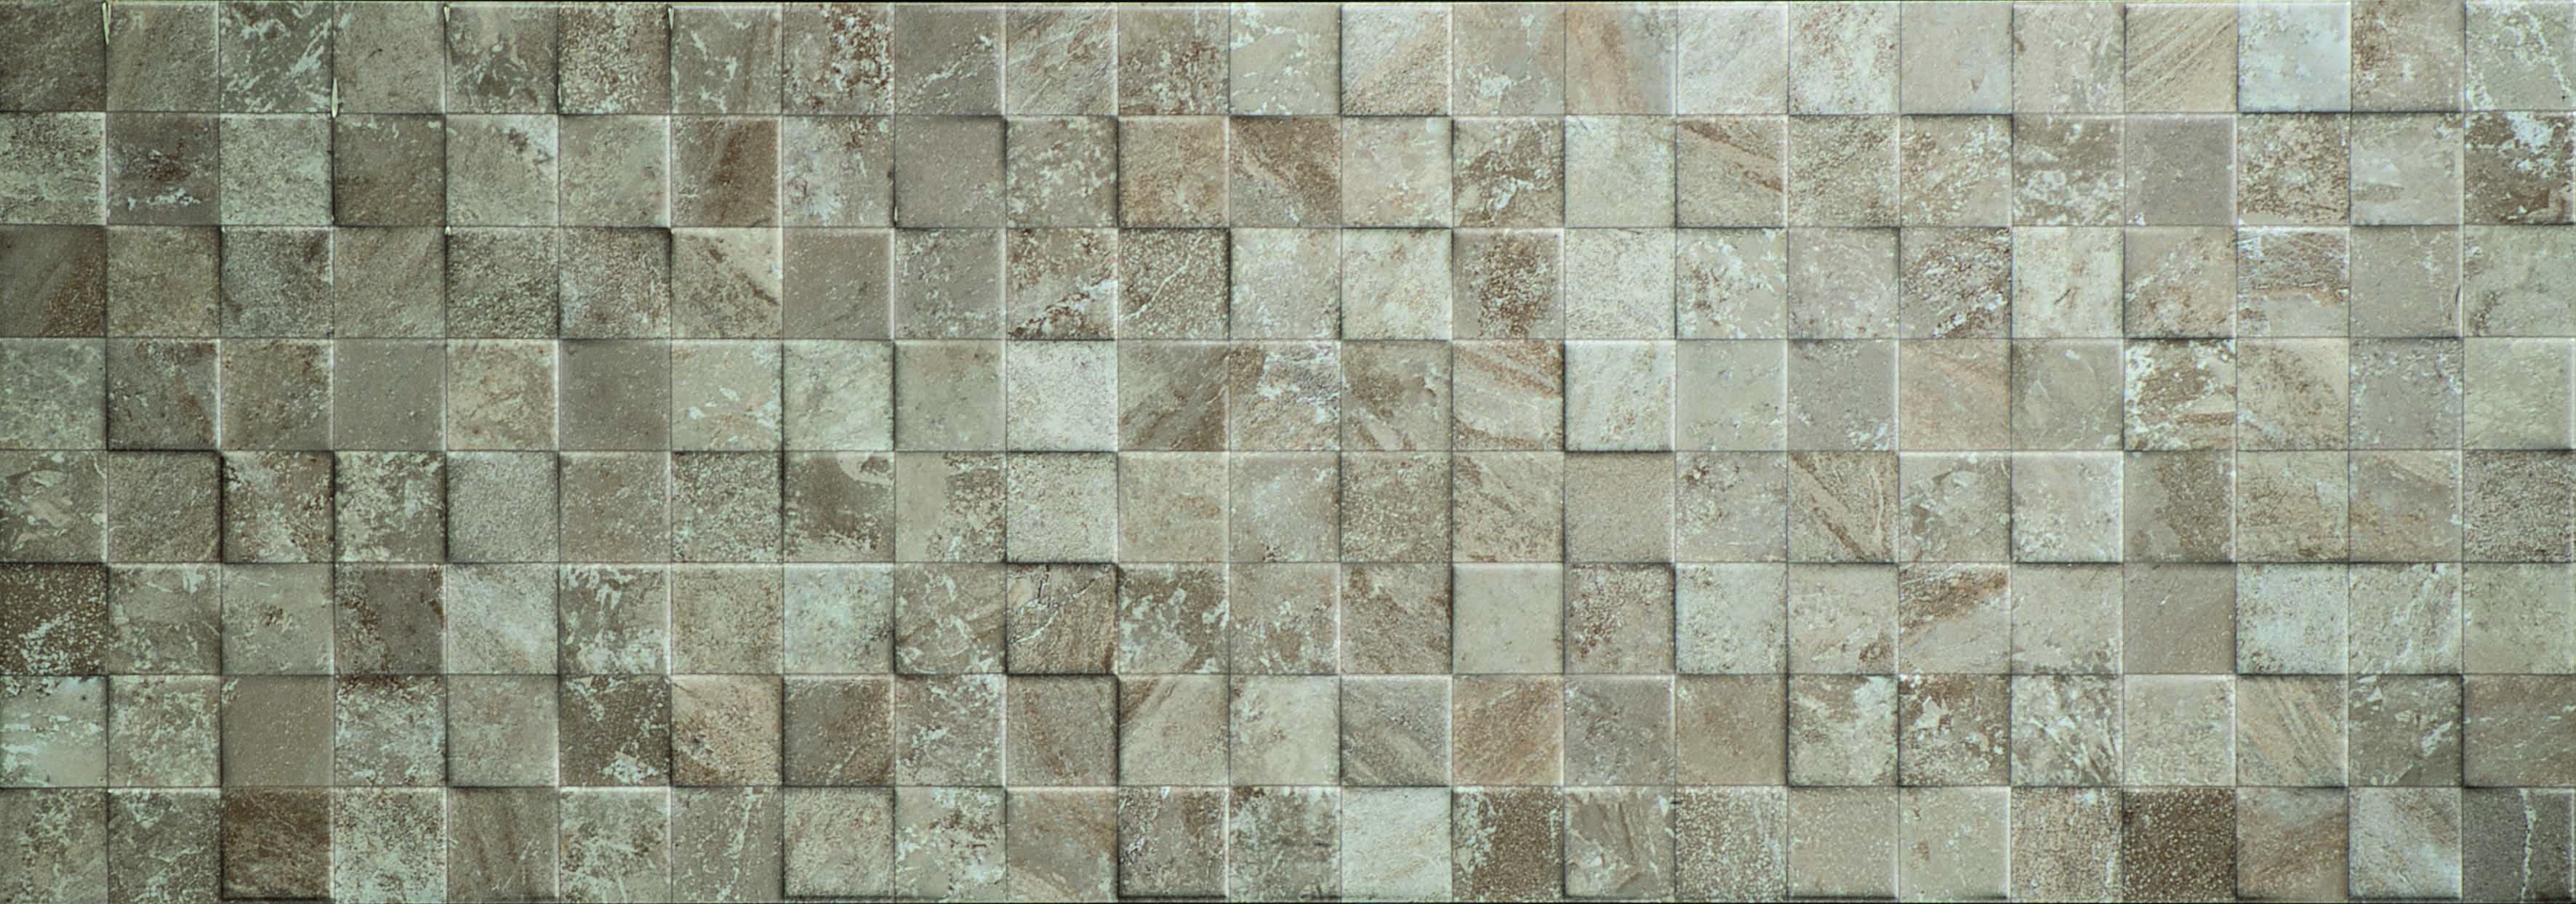 Настенная плитка Porcelanosa Recife +10748 Mosaico Gris capital inicial recife